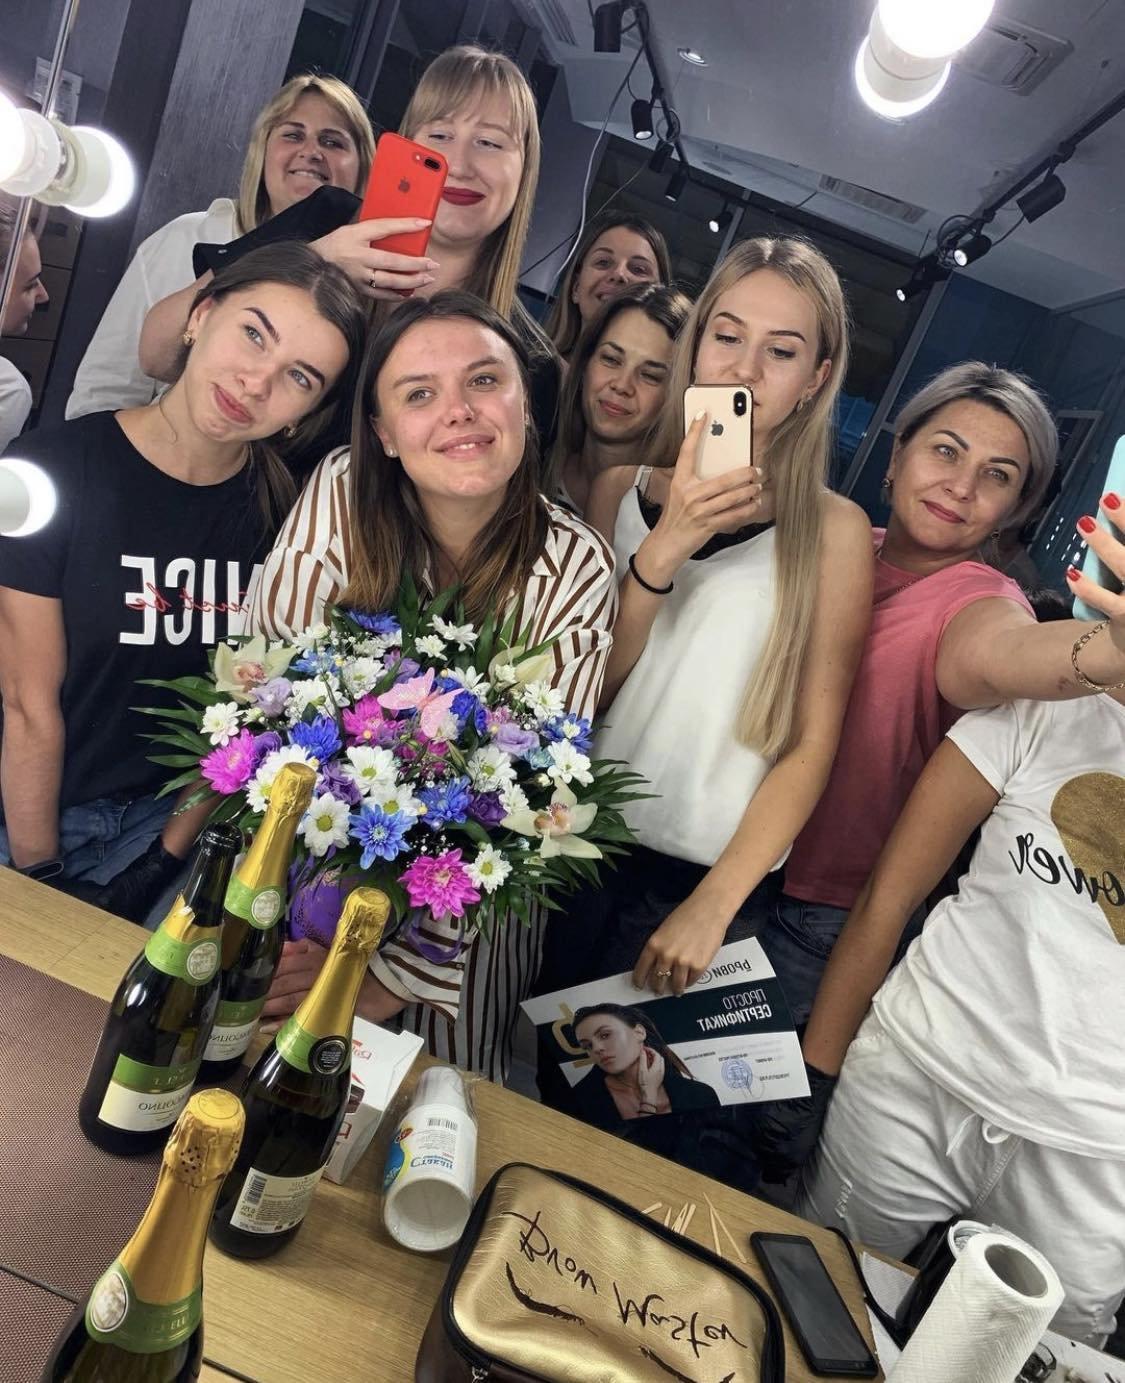 Професійний макіяж, оформлення брів та навчальні курси – чому варто відвідати «Beauty Bar» у Лозовій, фото-10